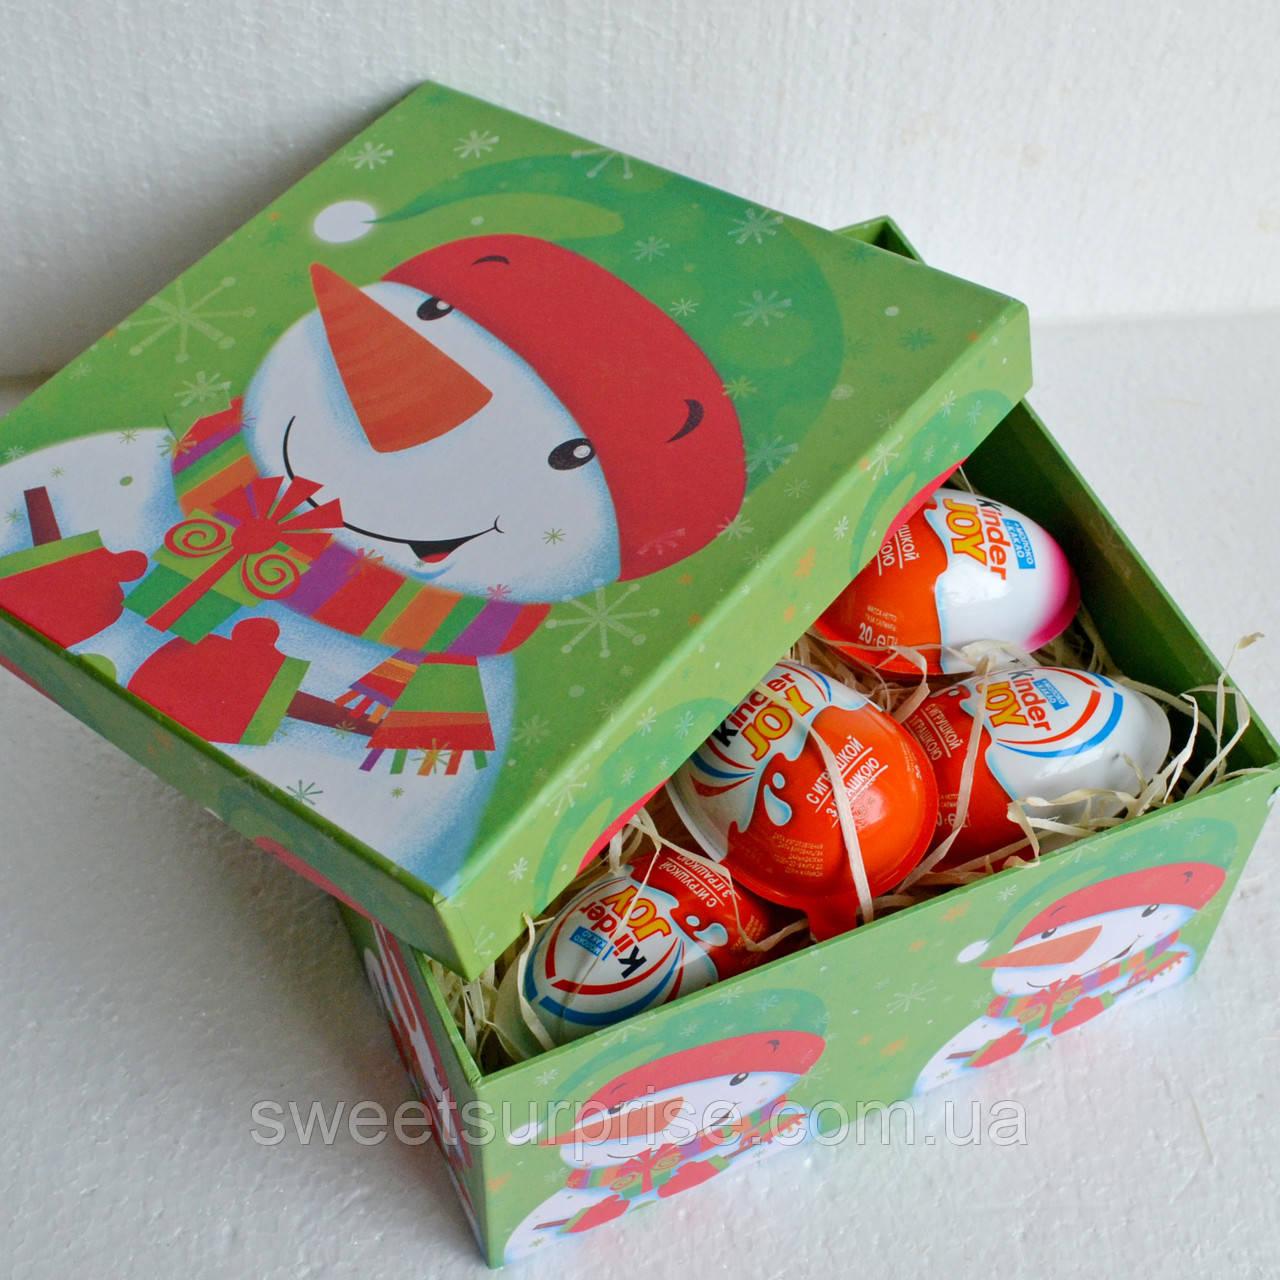 Купить подарки сладкие на новый год наложенным